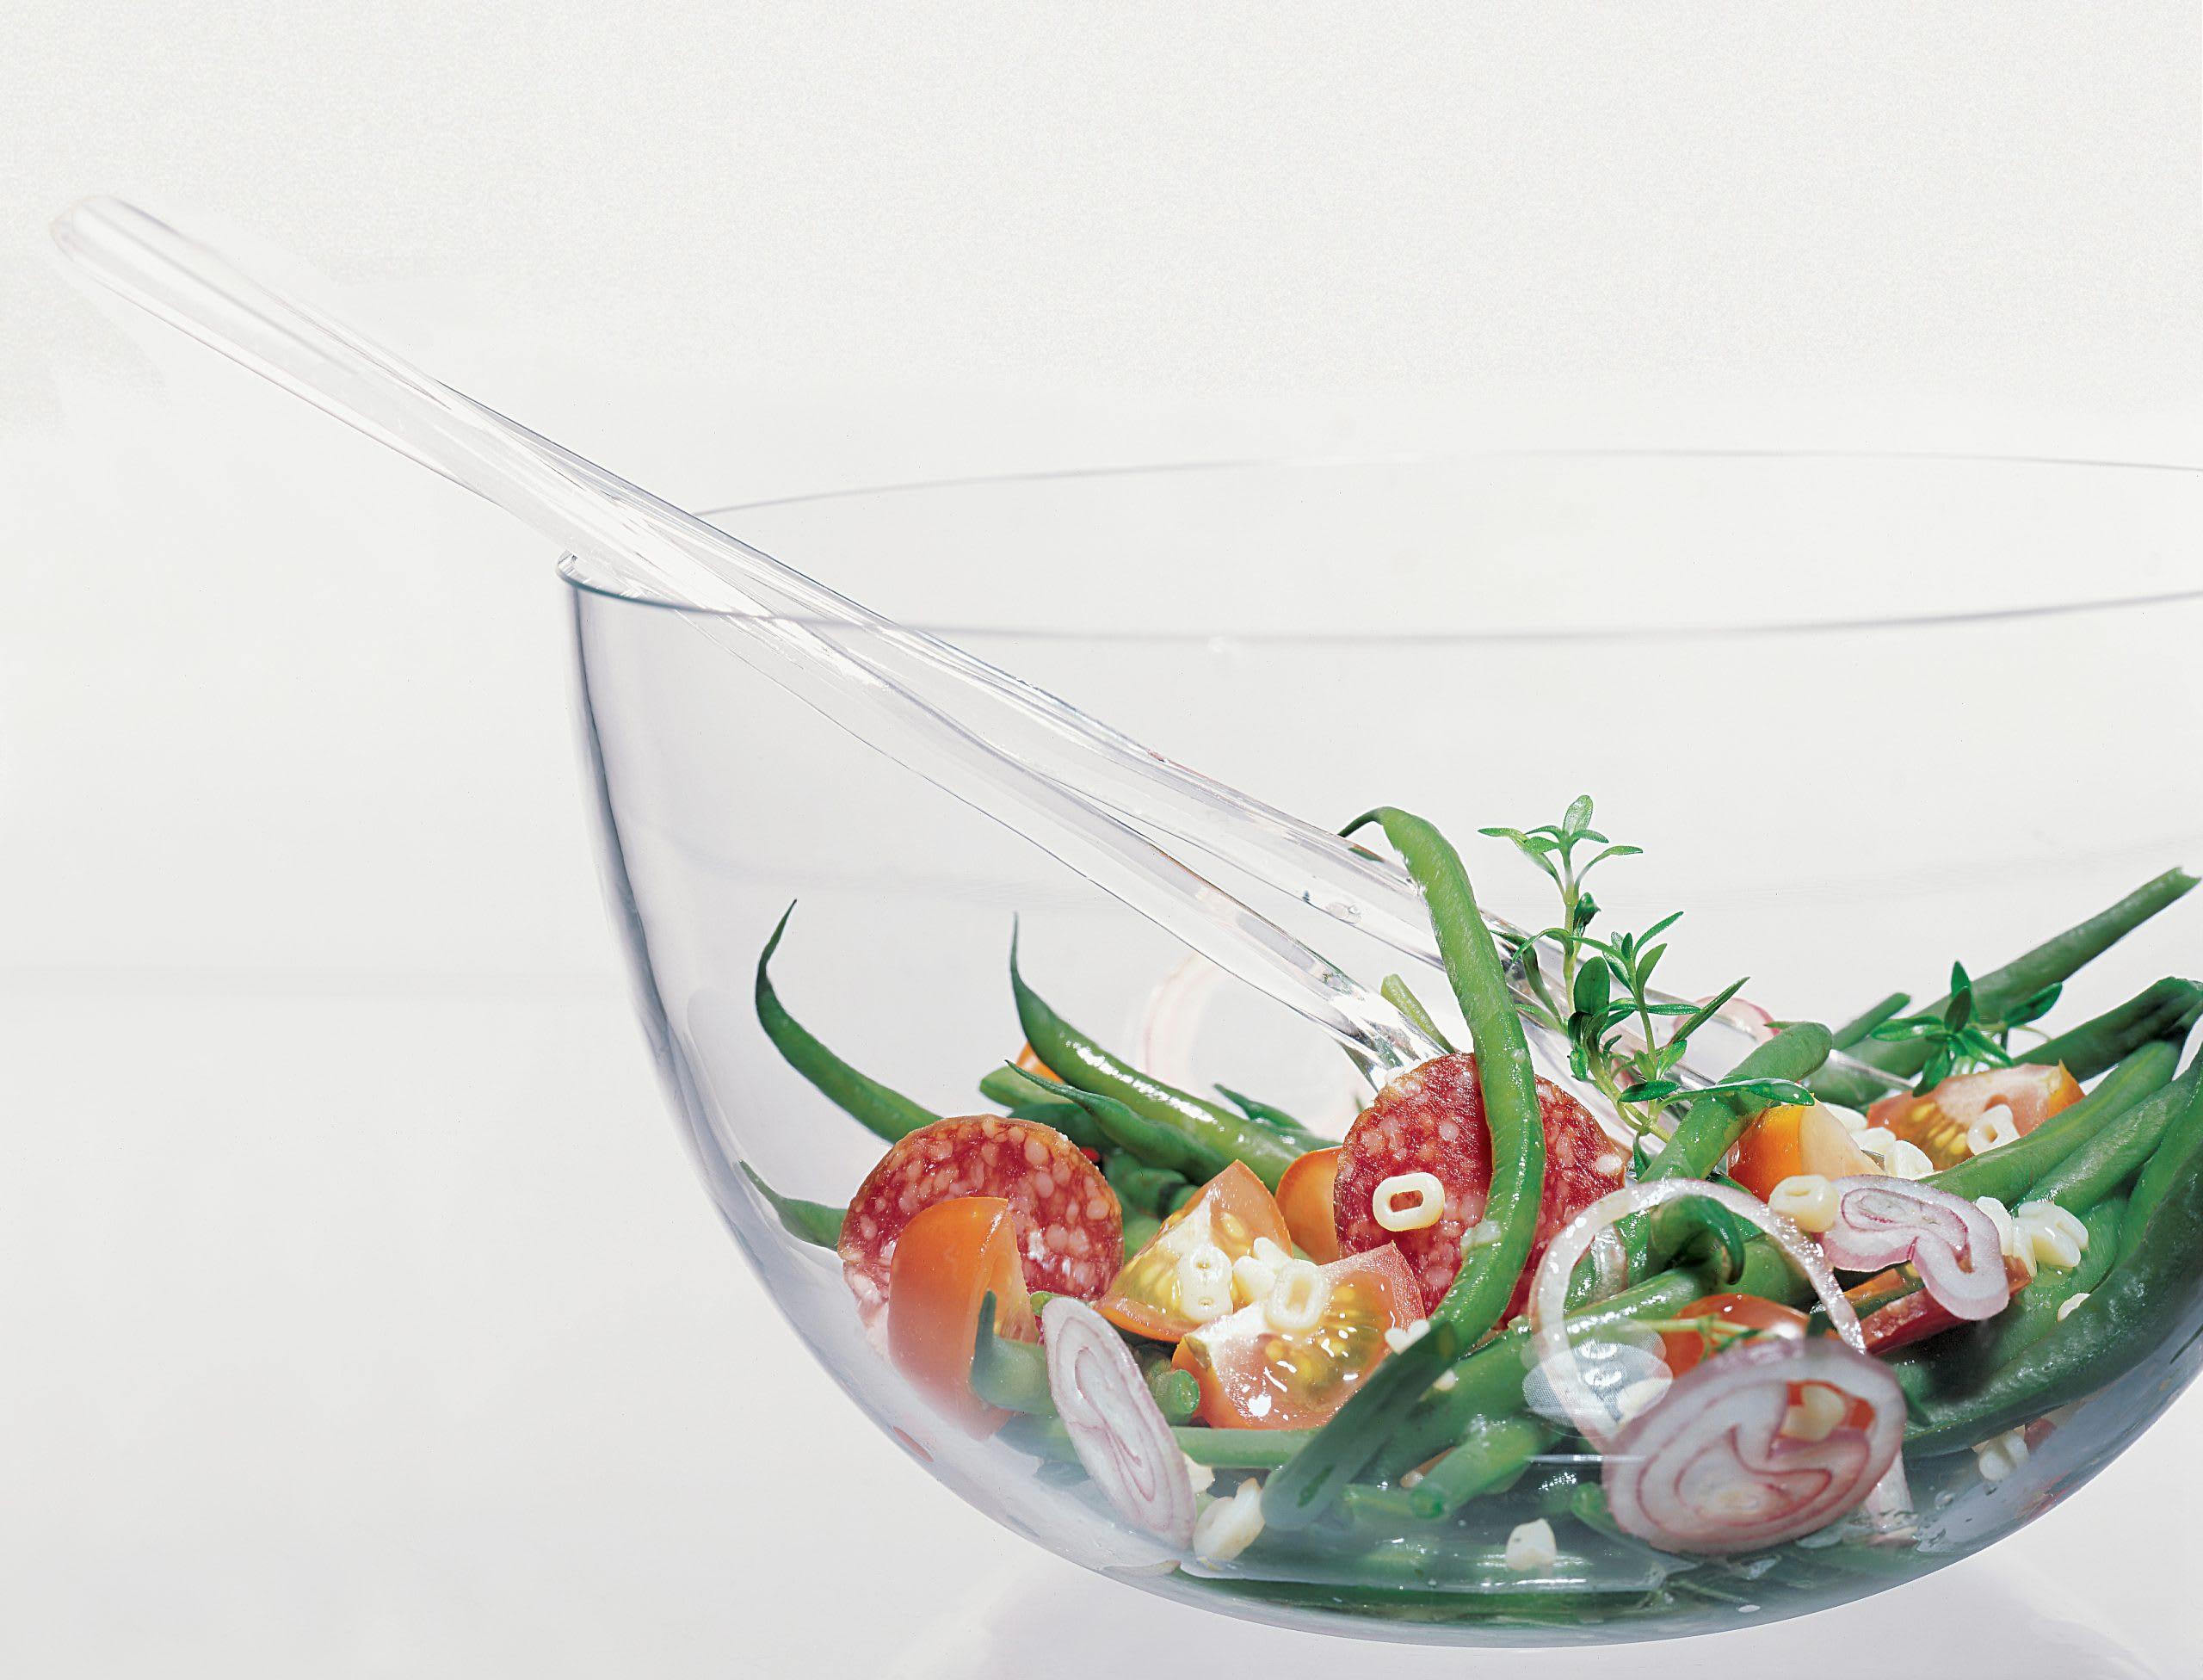 Bohnensalat mit Buchstaben-Vinaigrette